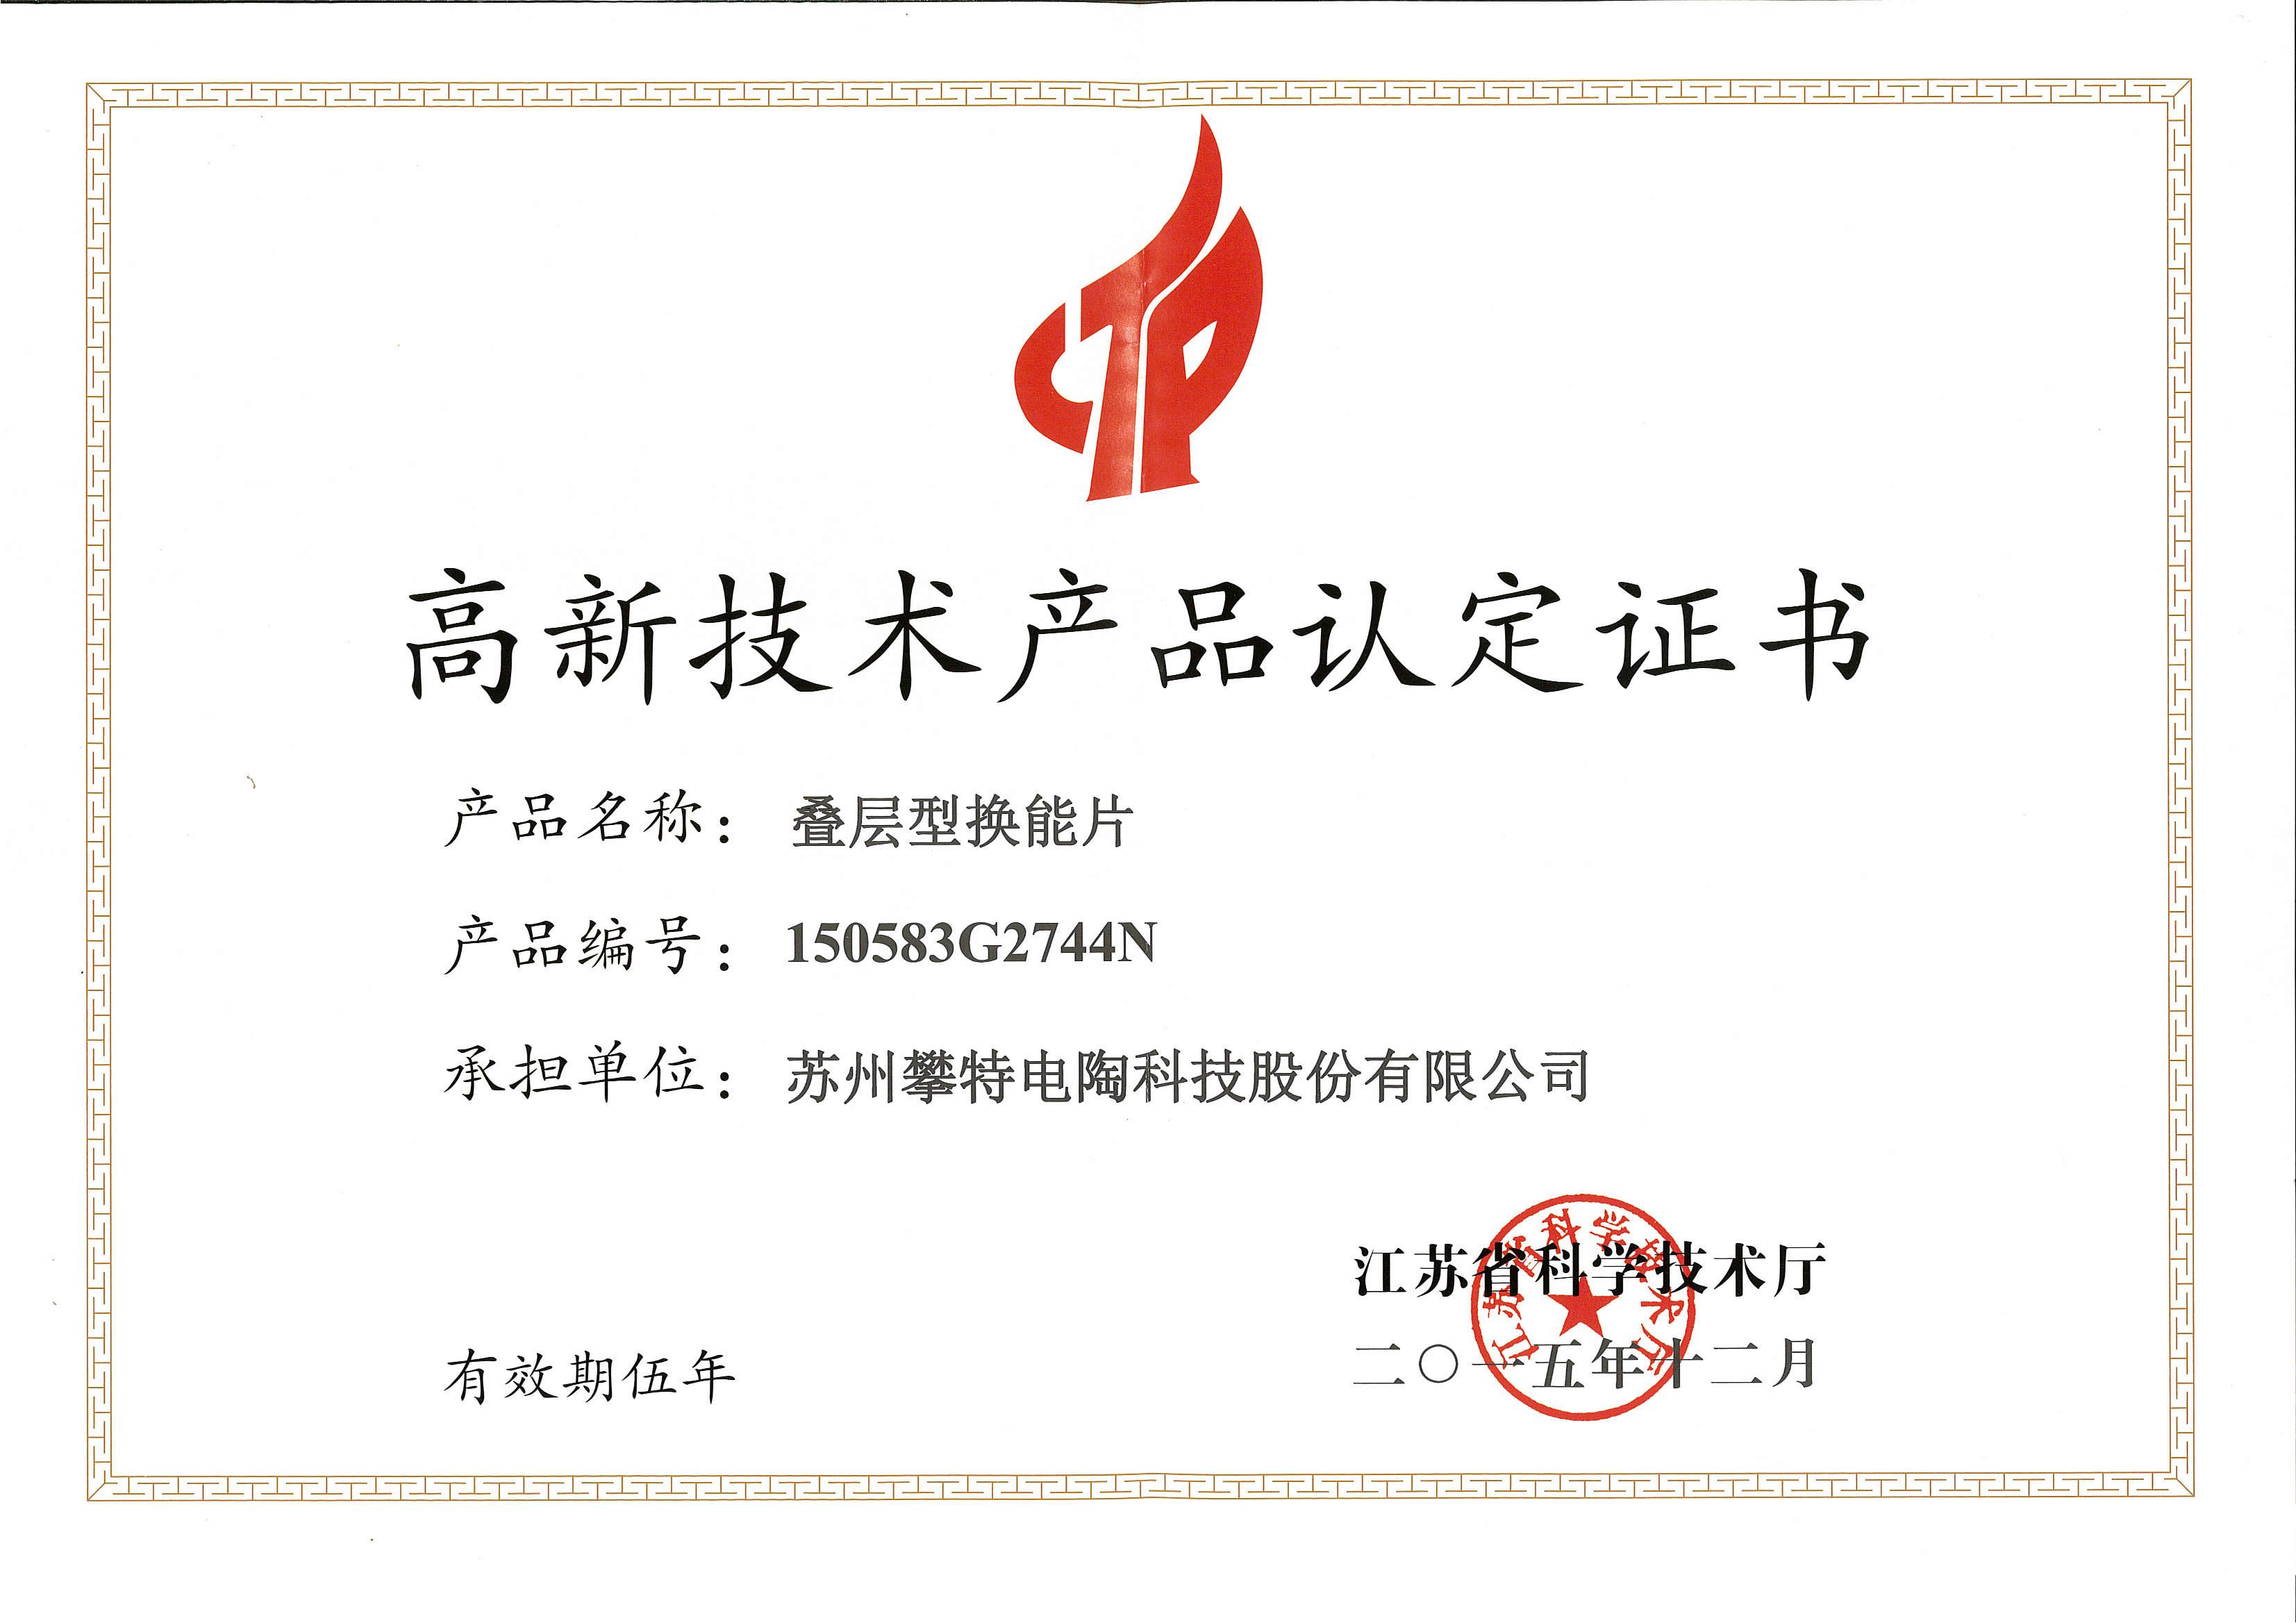 叠层型换能片—高新技术产品证书